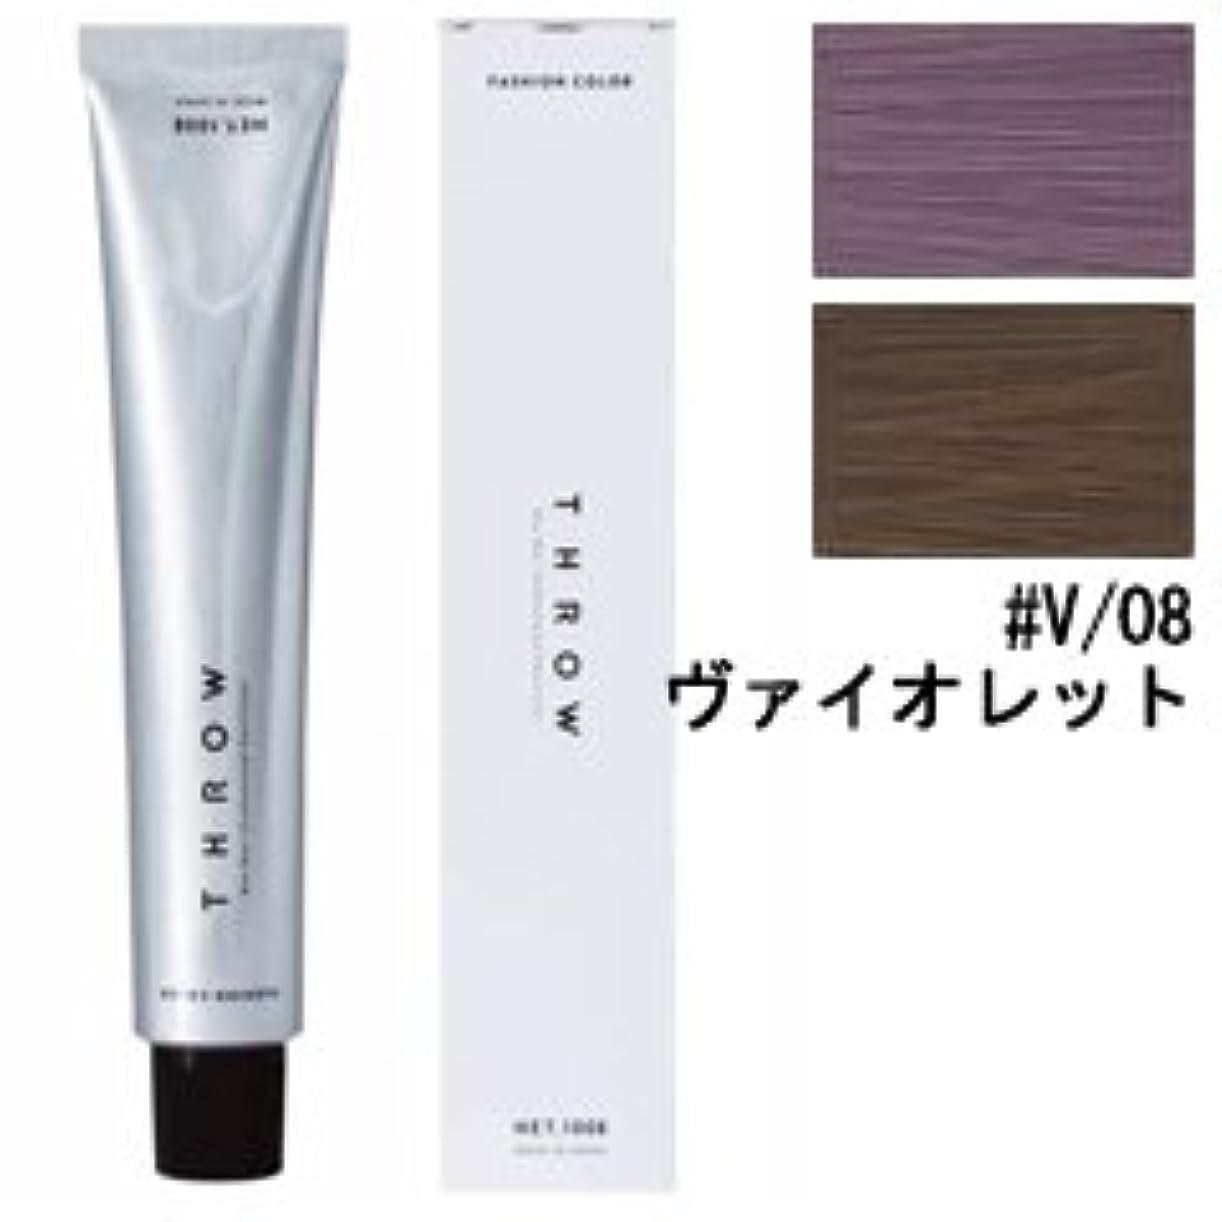 構成ガード天井【モルトベーネ】スロウ ファッションカラー #V/08 ヴァイオレット 100g